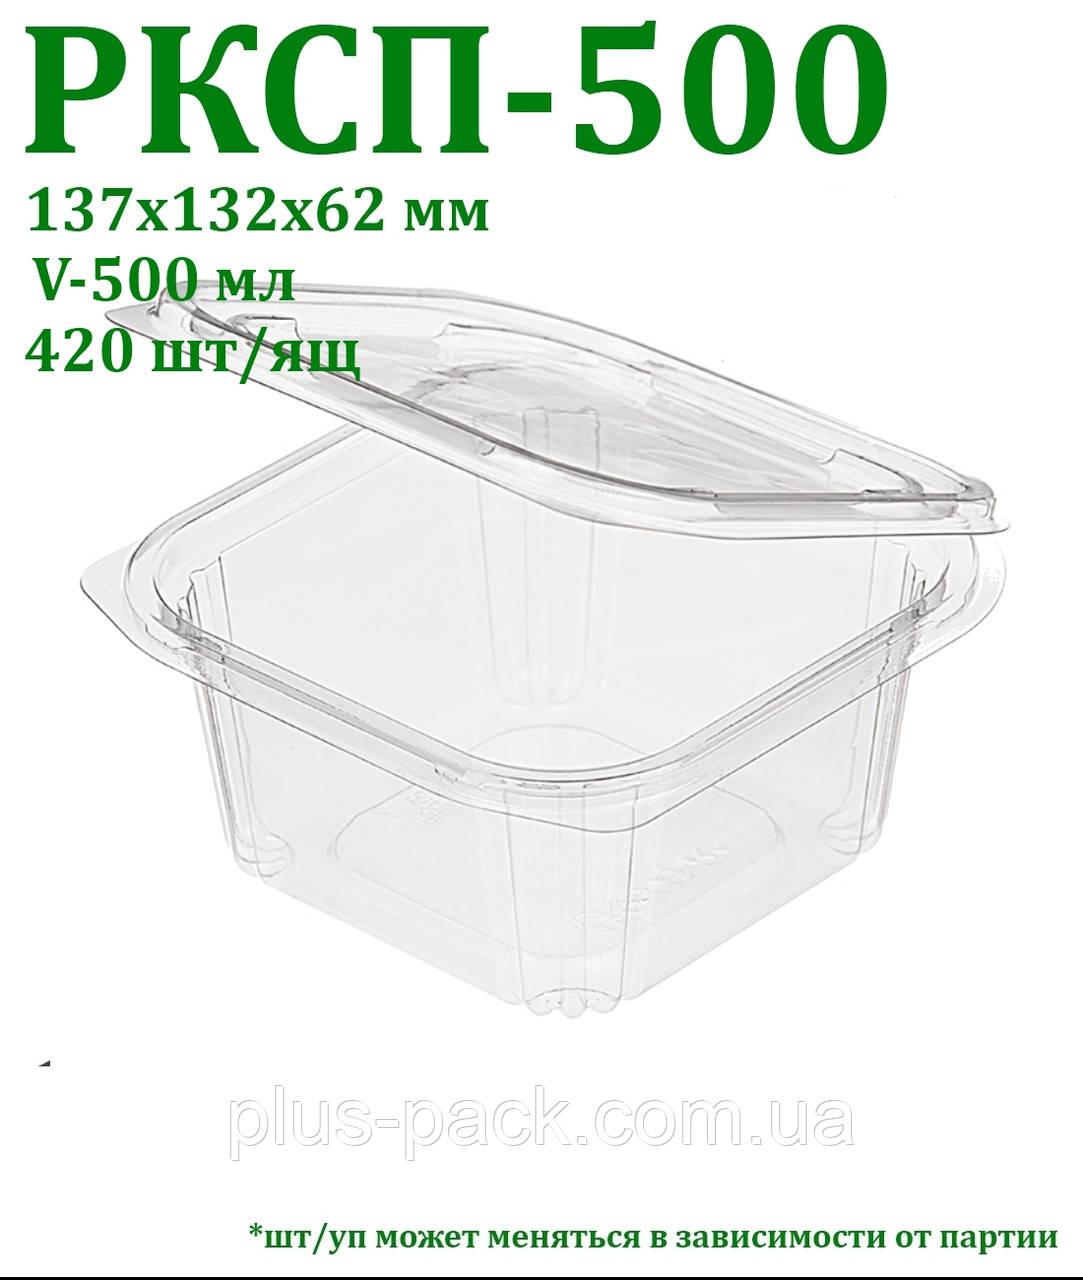 Упаковка для салатів РКСП-500, 480шт/ящ